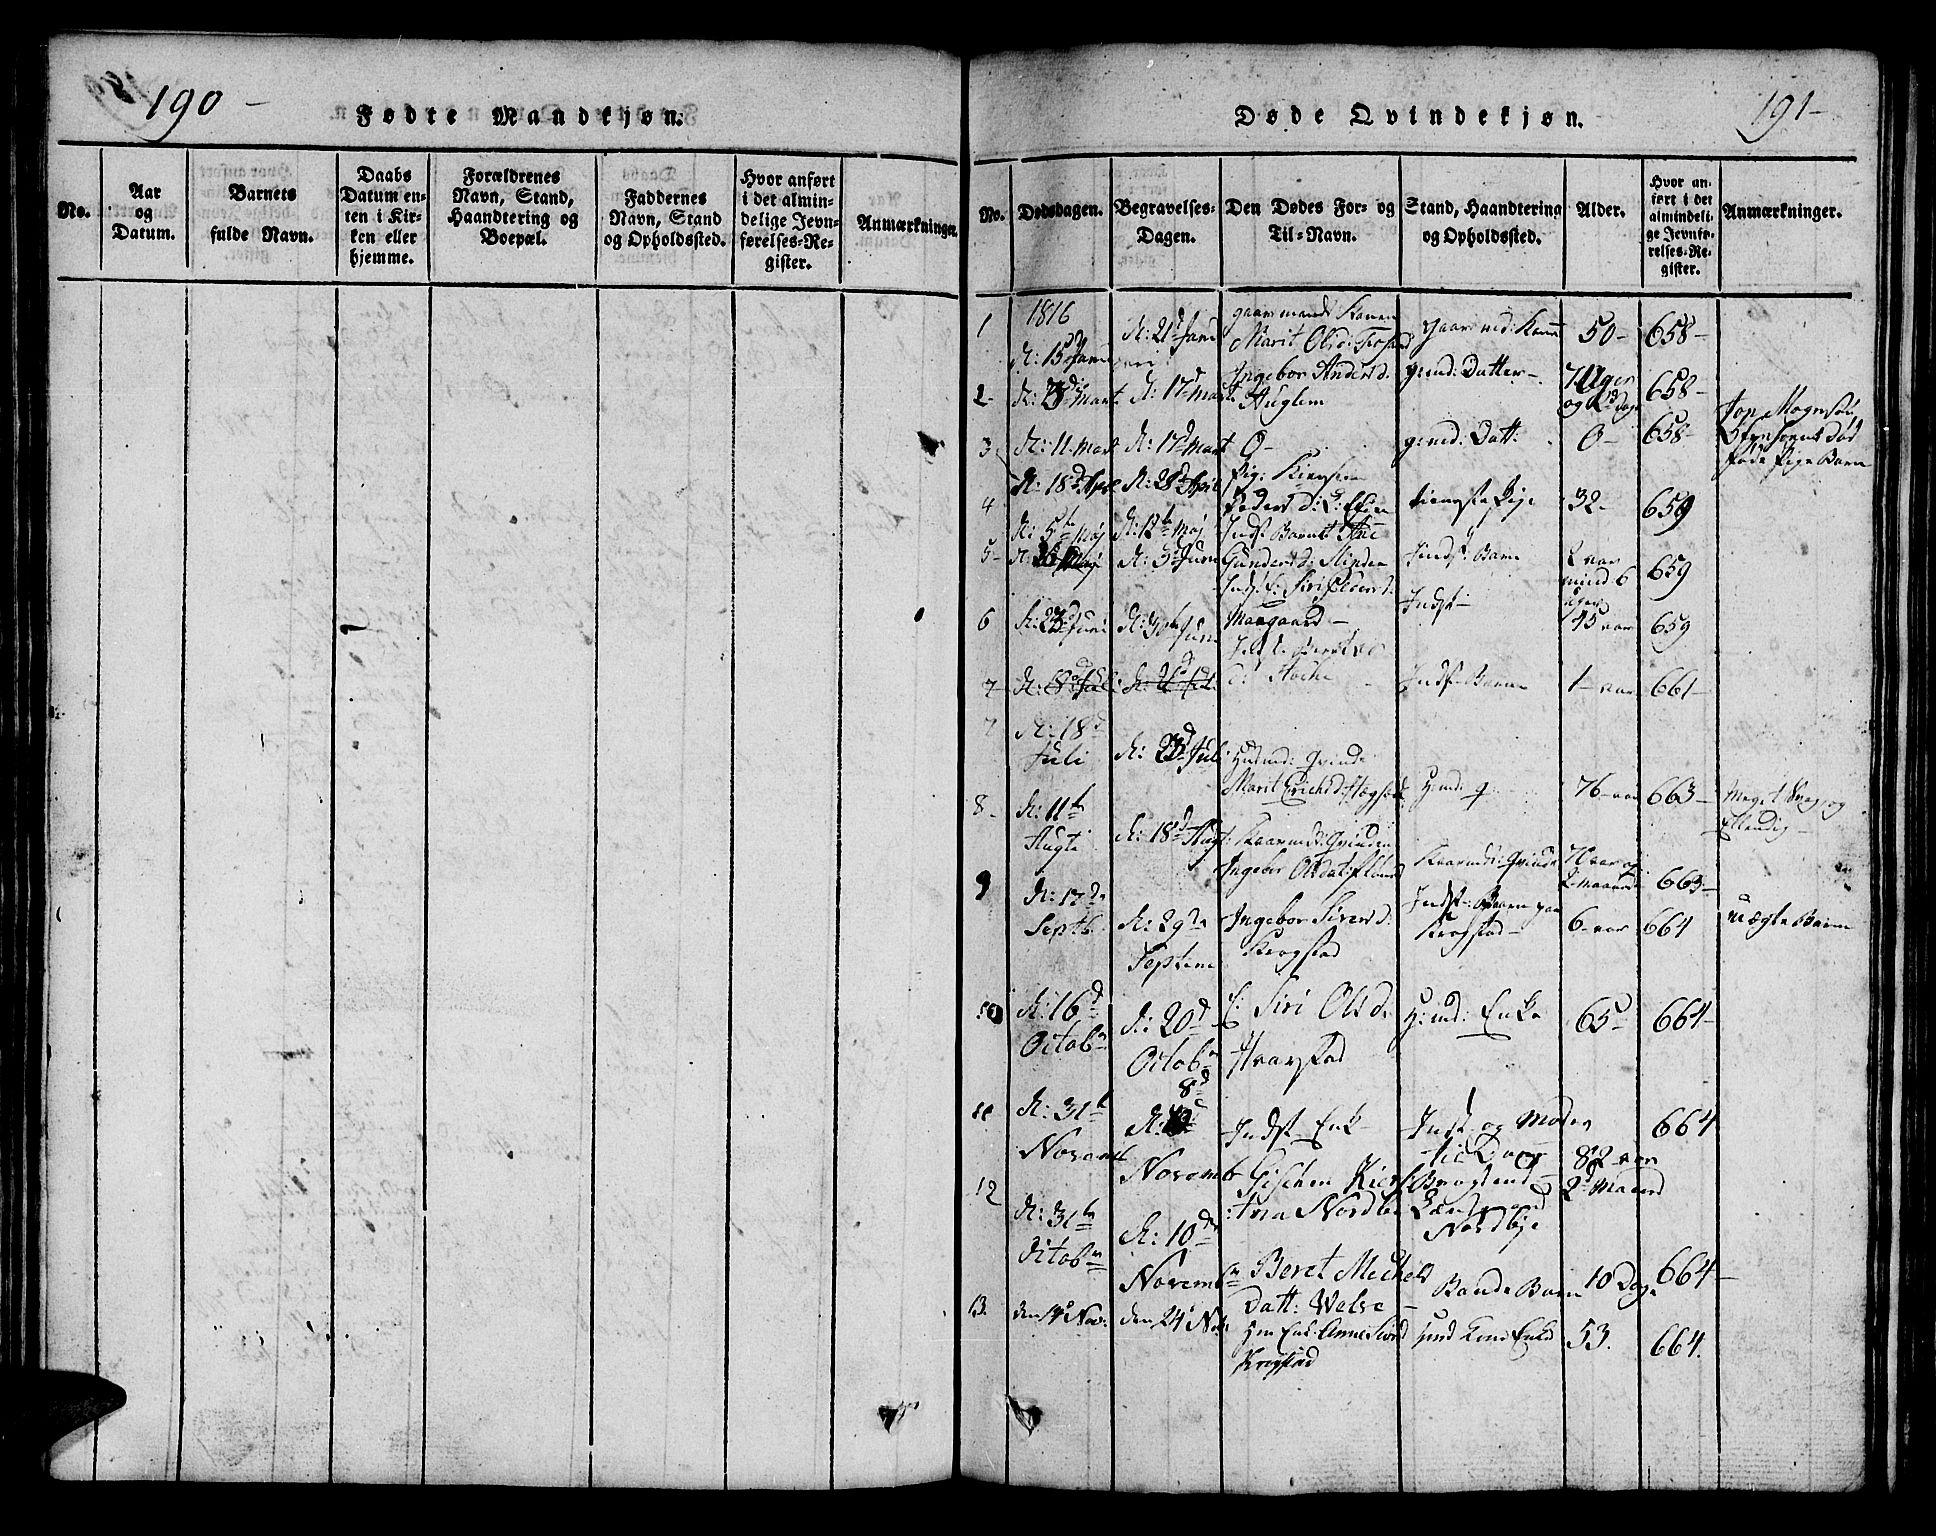 SAT, Ministerialprotokoller, klokkerbøker og fødselsregistre - Sør-Trøndelag, 695/L1152: Klokkerbok nr. 695C03, 1816-1831, s. 190-191